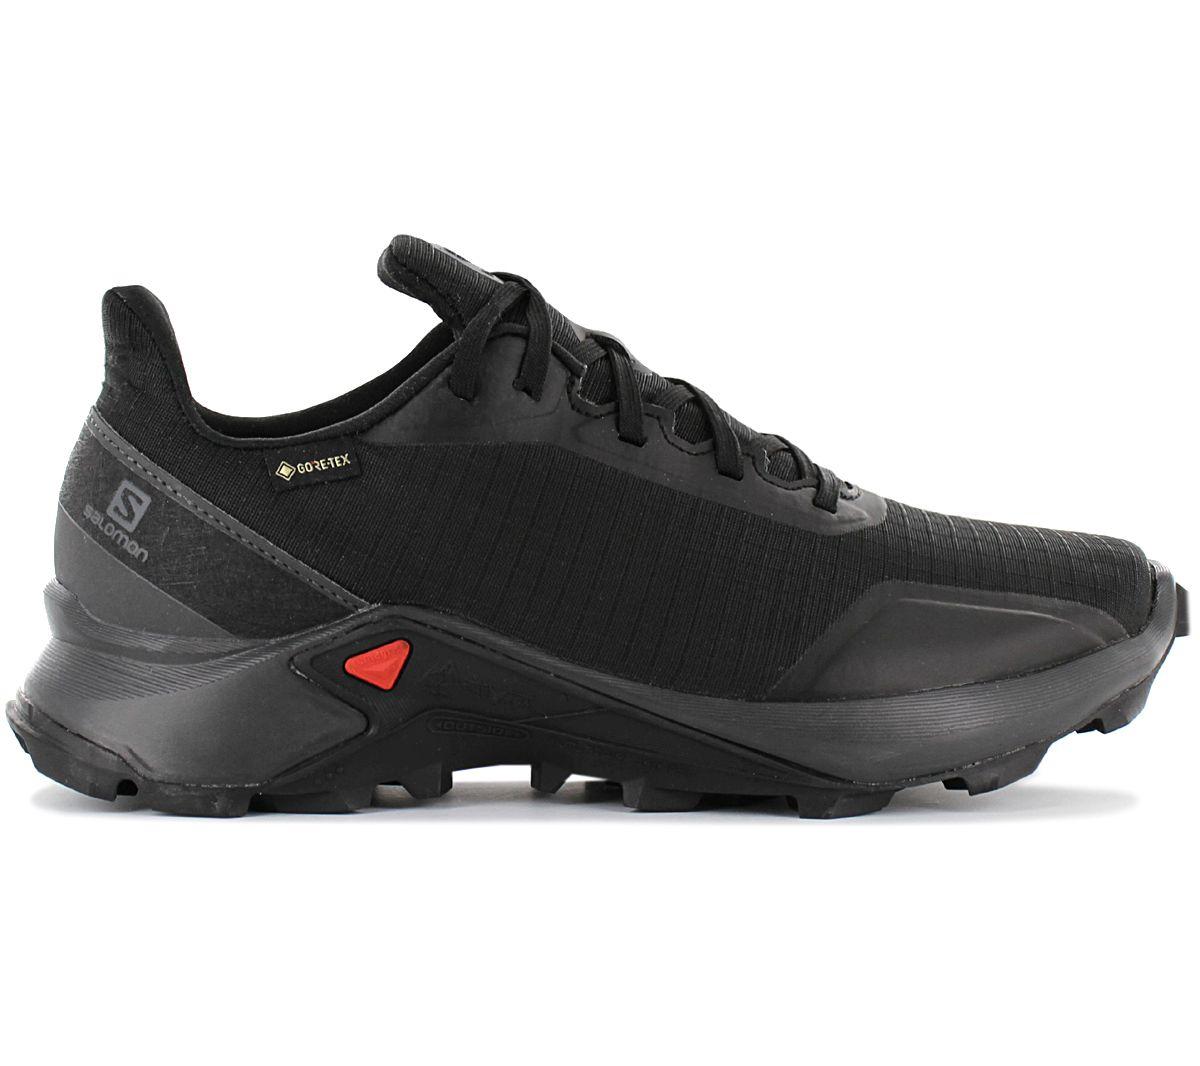 408056 Trail-Running Schuhe Wanderschuhe Salomon ALPHACROSS GTX W GORE-TEX